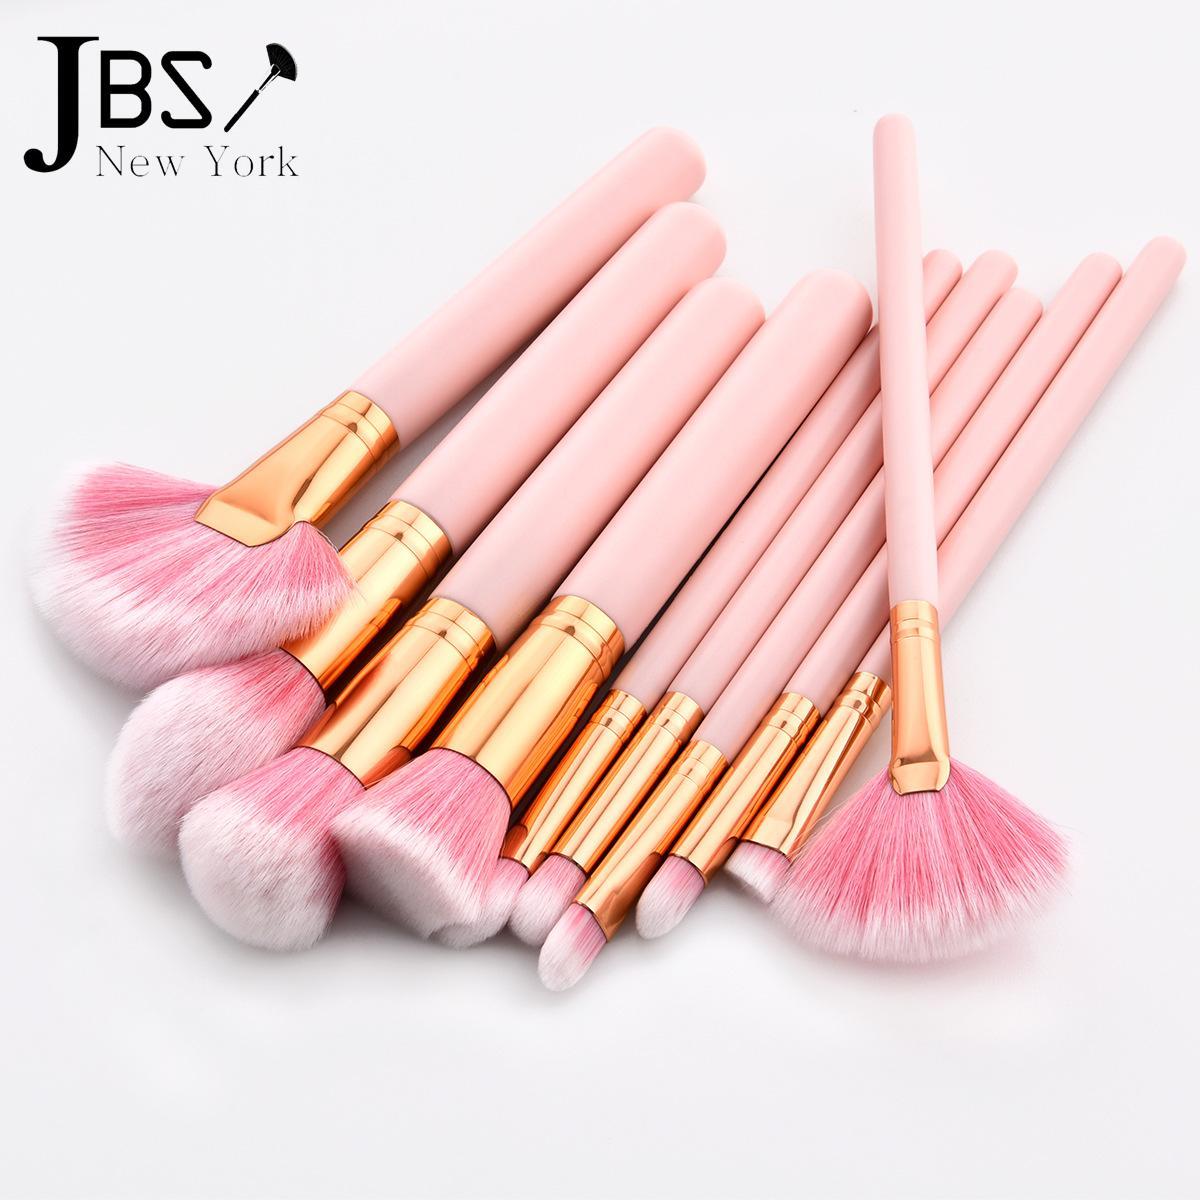 Kelebihan Jbs New York Makeup Brush 10pcs Tools Set Fan Kuas Mermaid K 037 038 058